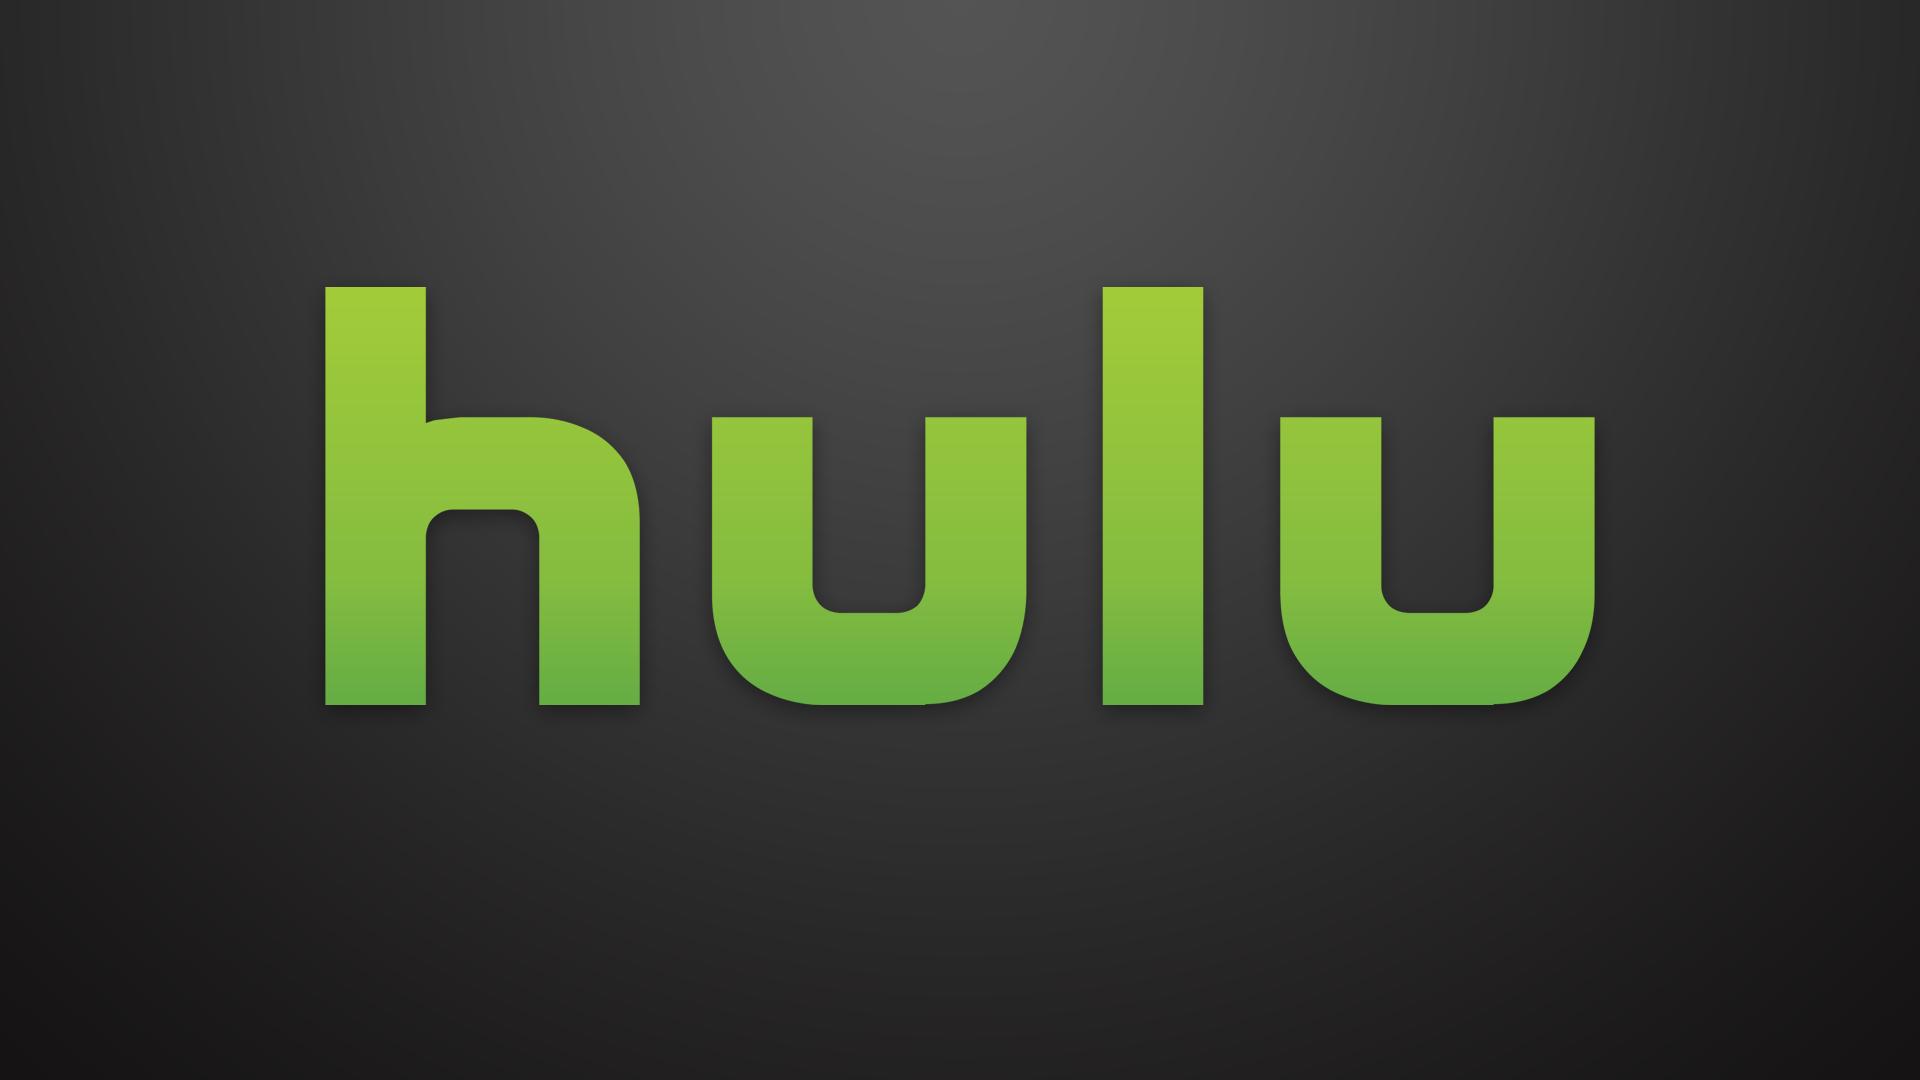 Hulu utratí za obsah 2,5 miliardy a chce dohnat Netflix